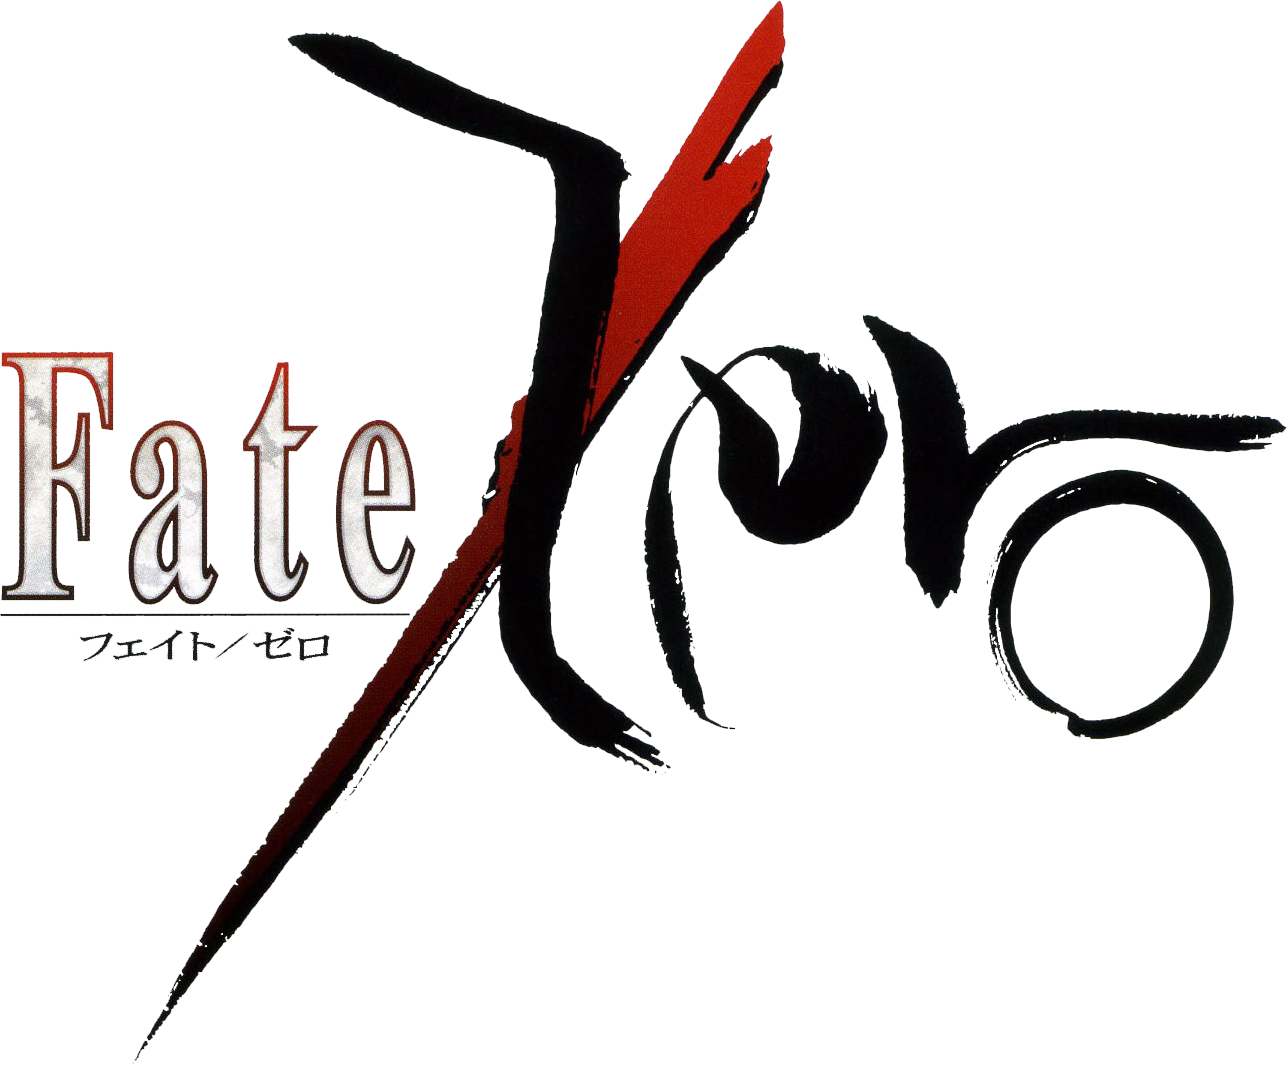 Archivo:Fate Zero logo.png